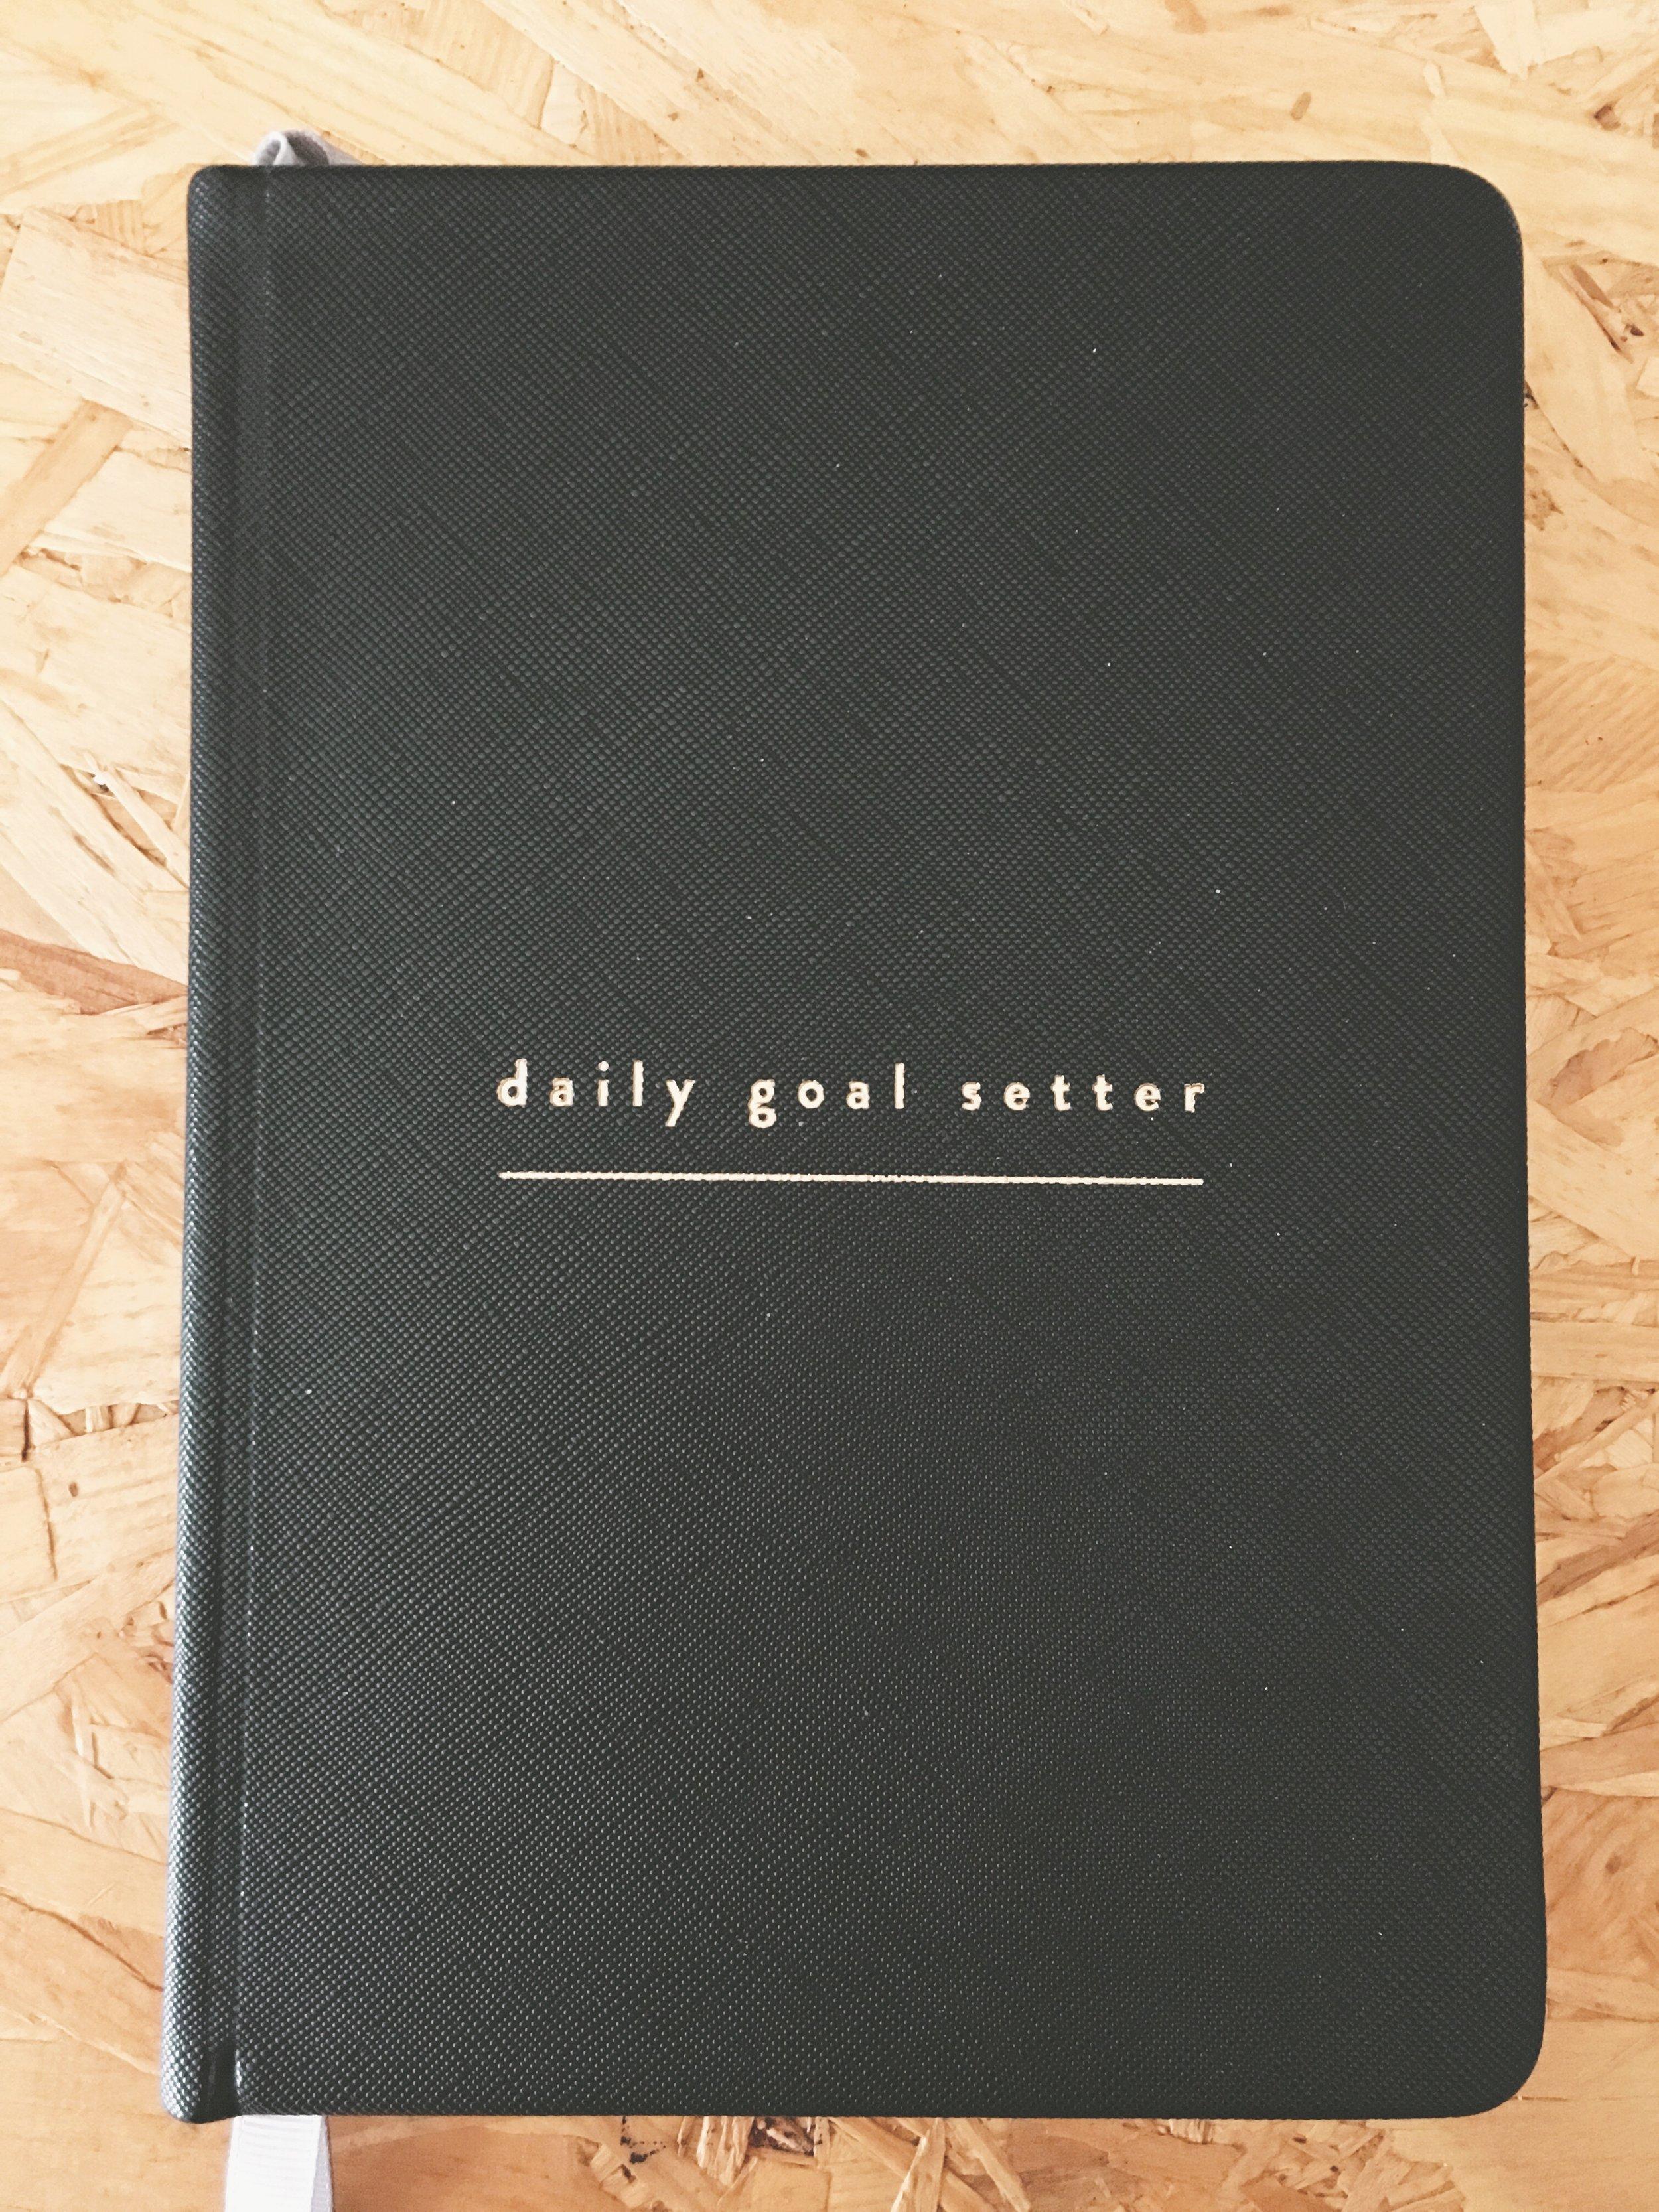 celine navarro daily goal setter planner 07.JPG